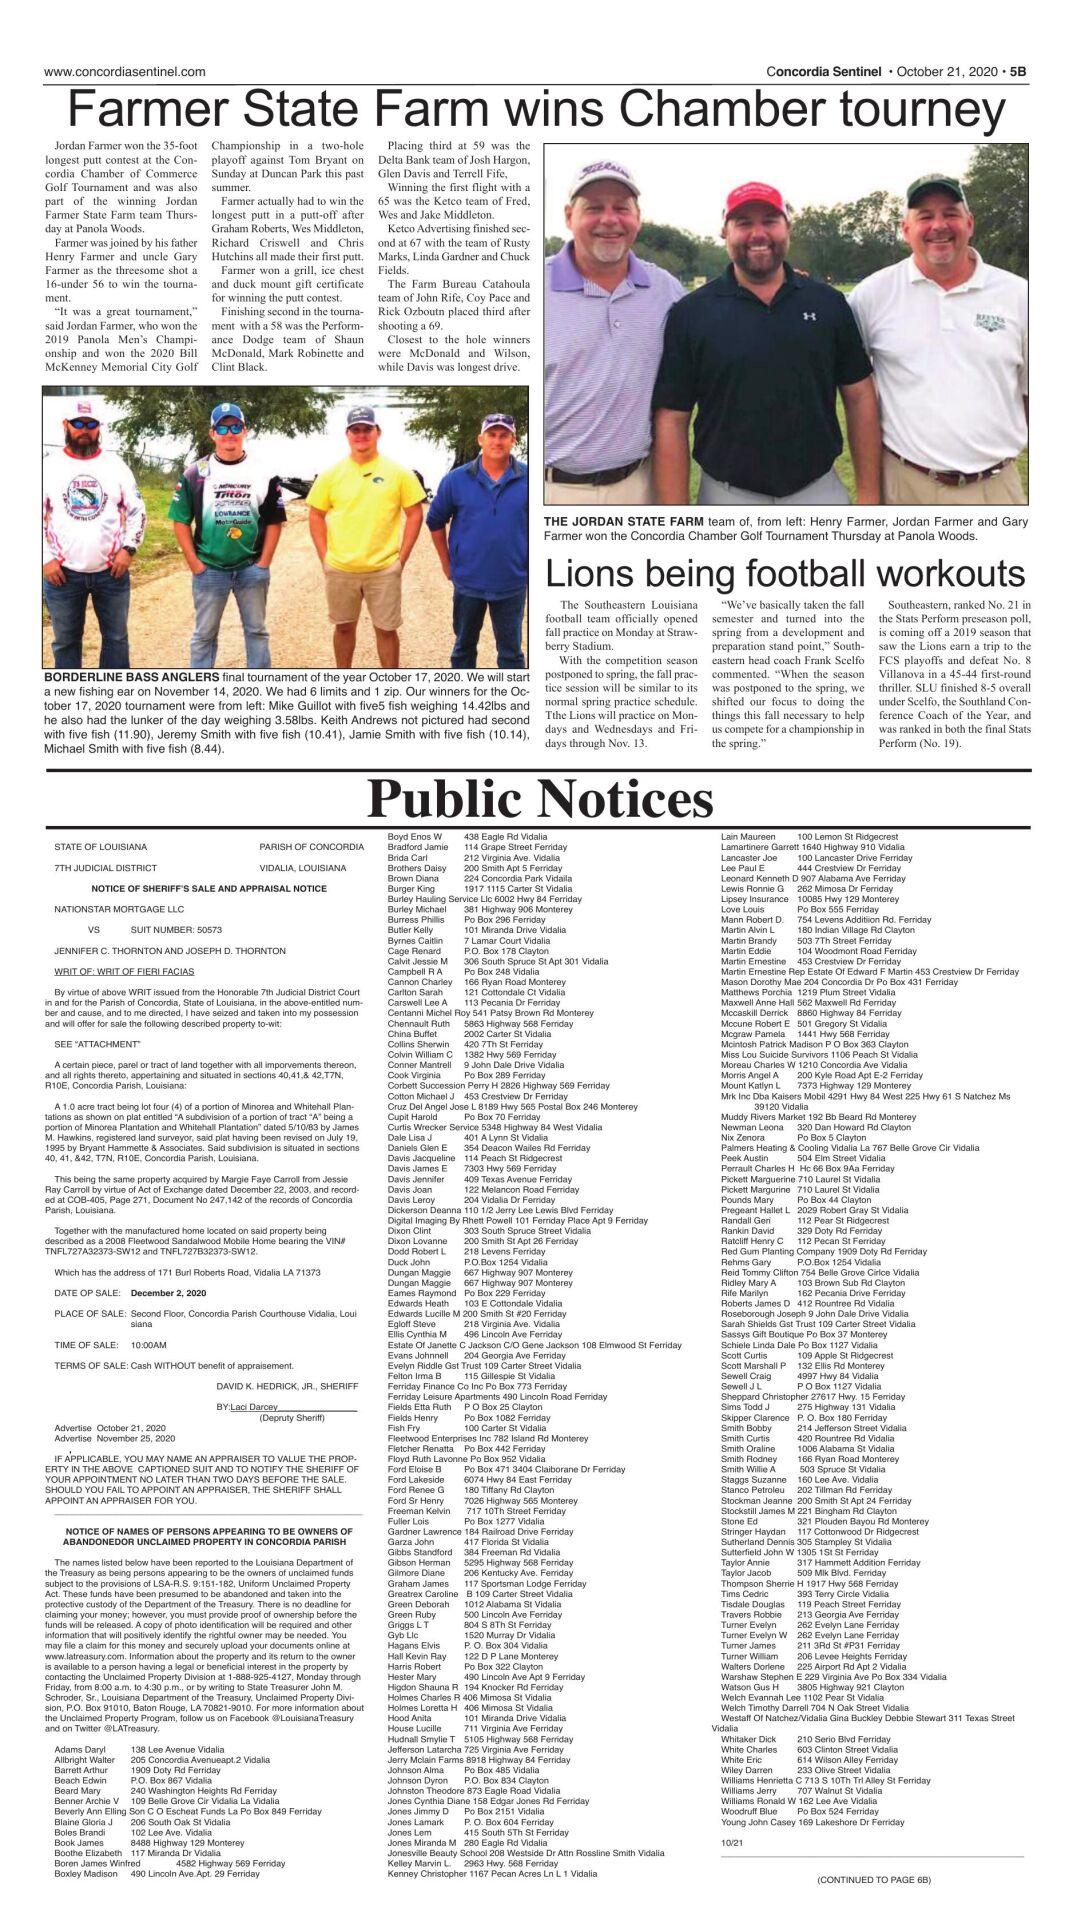 Public Notices - Oct. 21, 2020